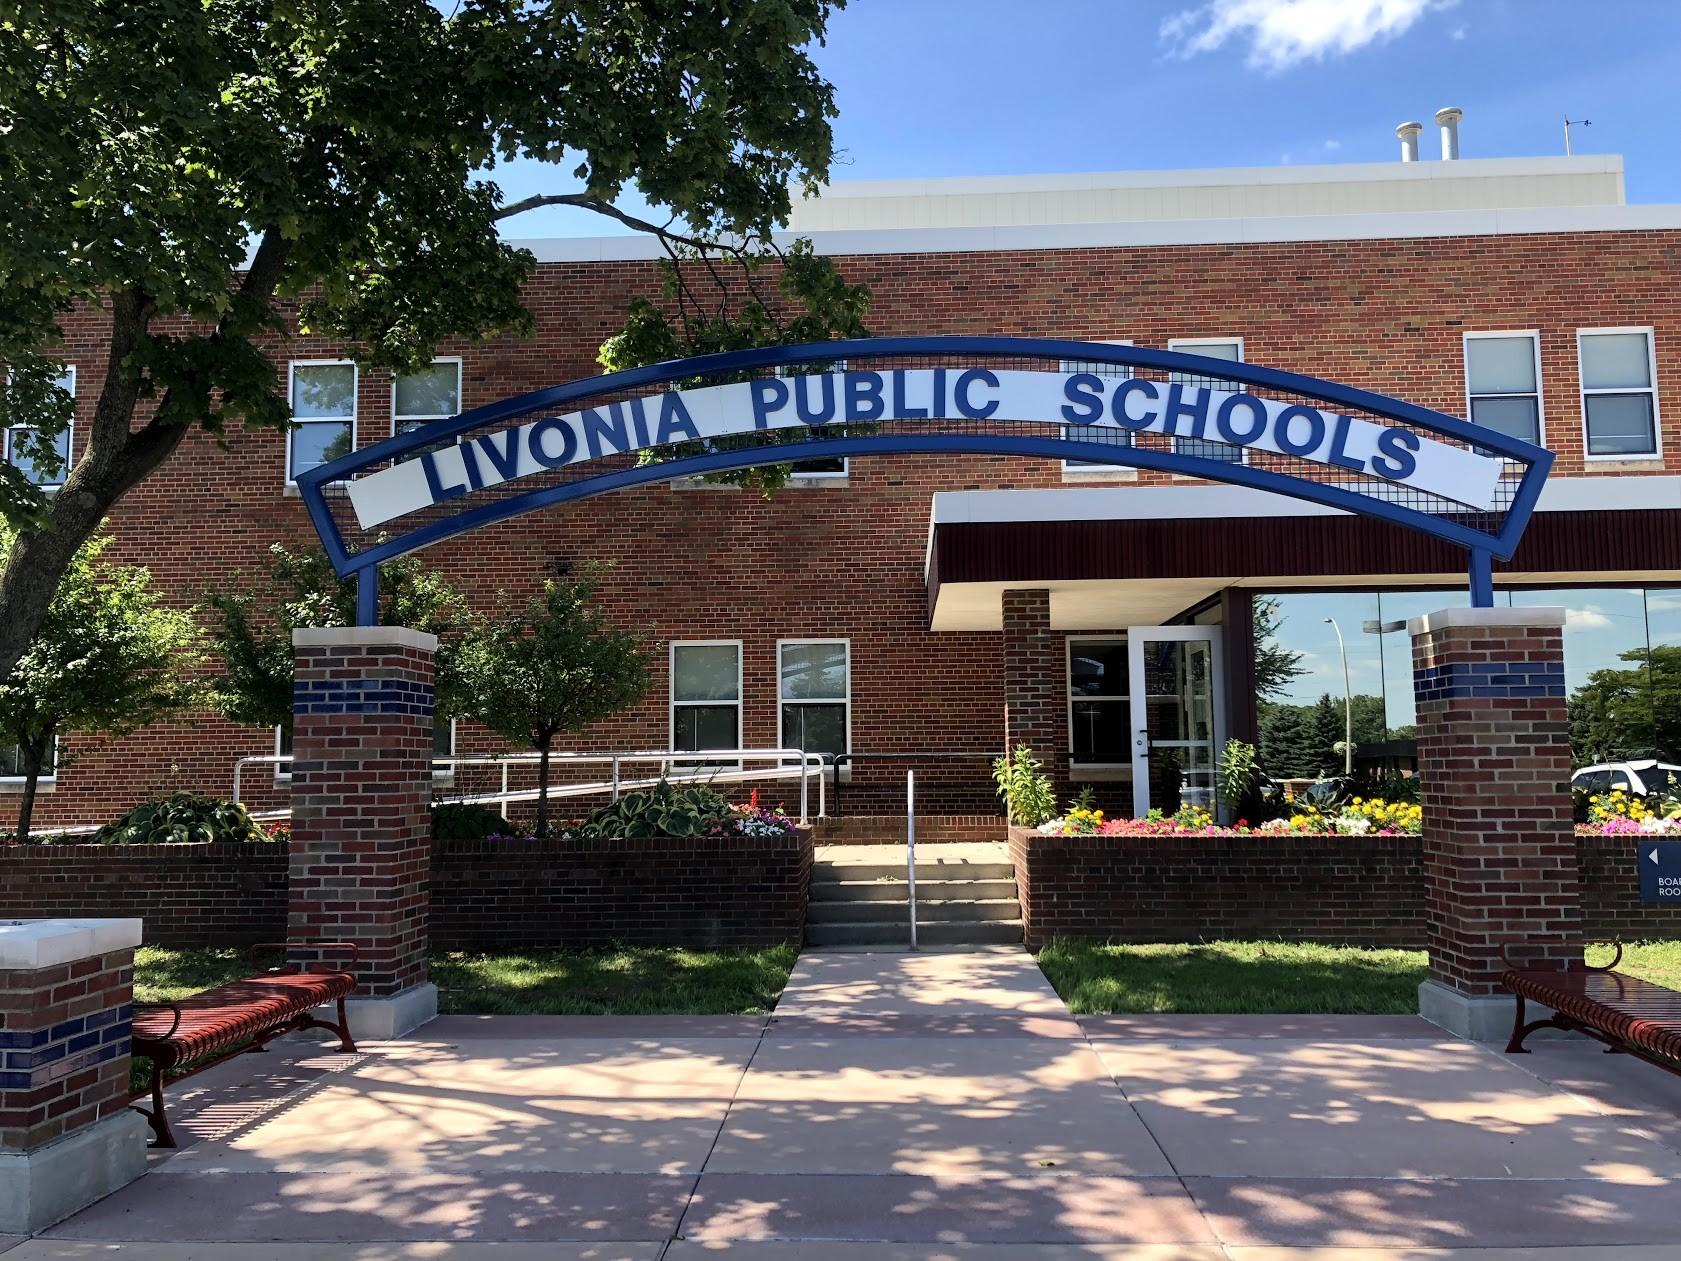 Livonia Public Schools Linkedin